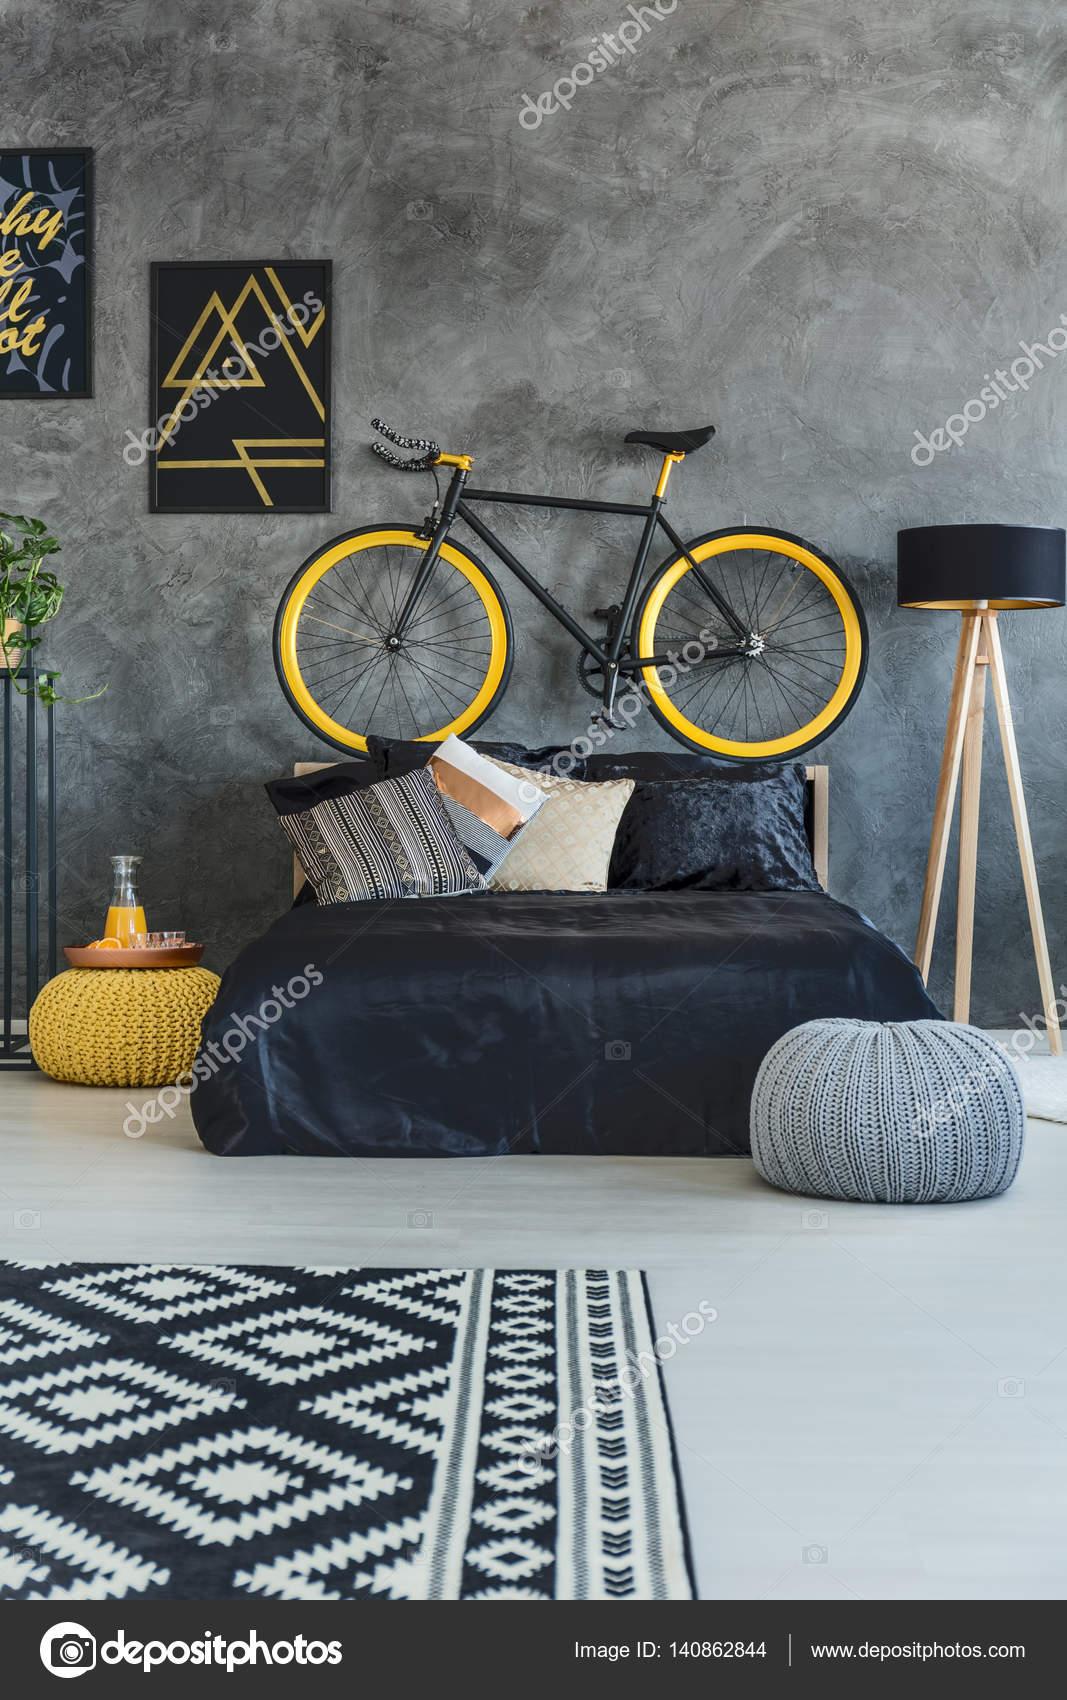 Μαύρο κρεβάτι Έφηβος